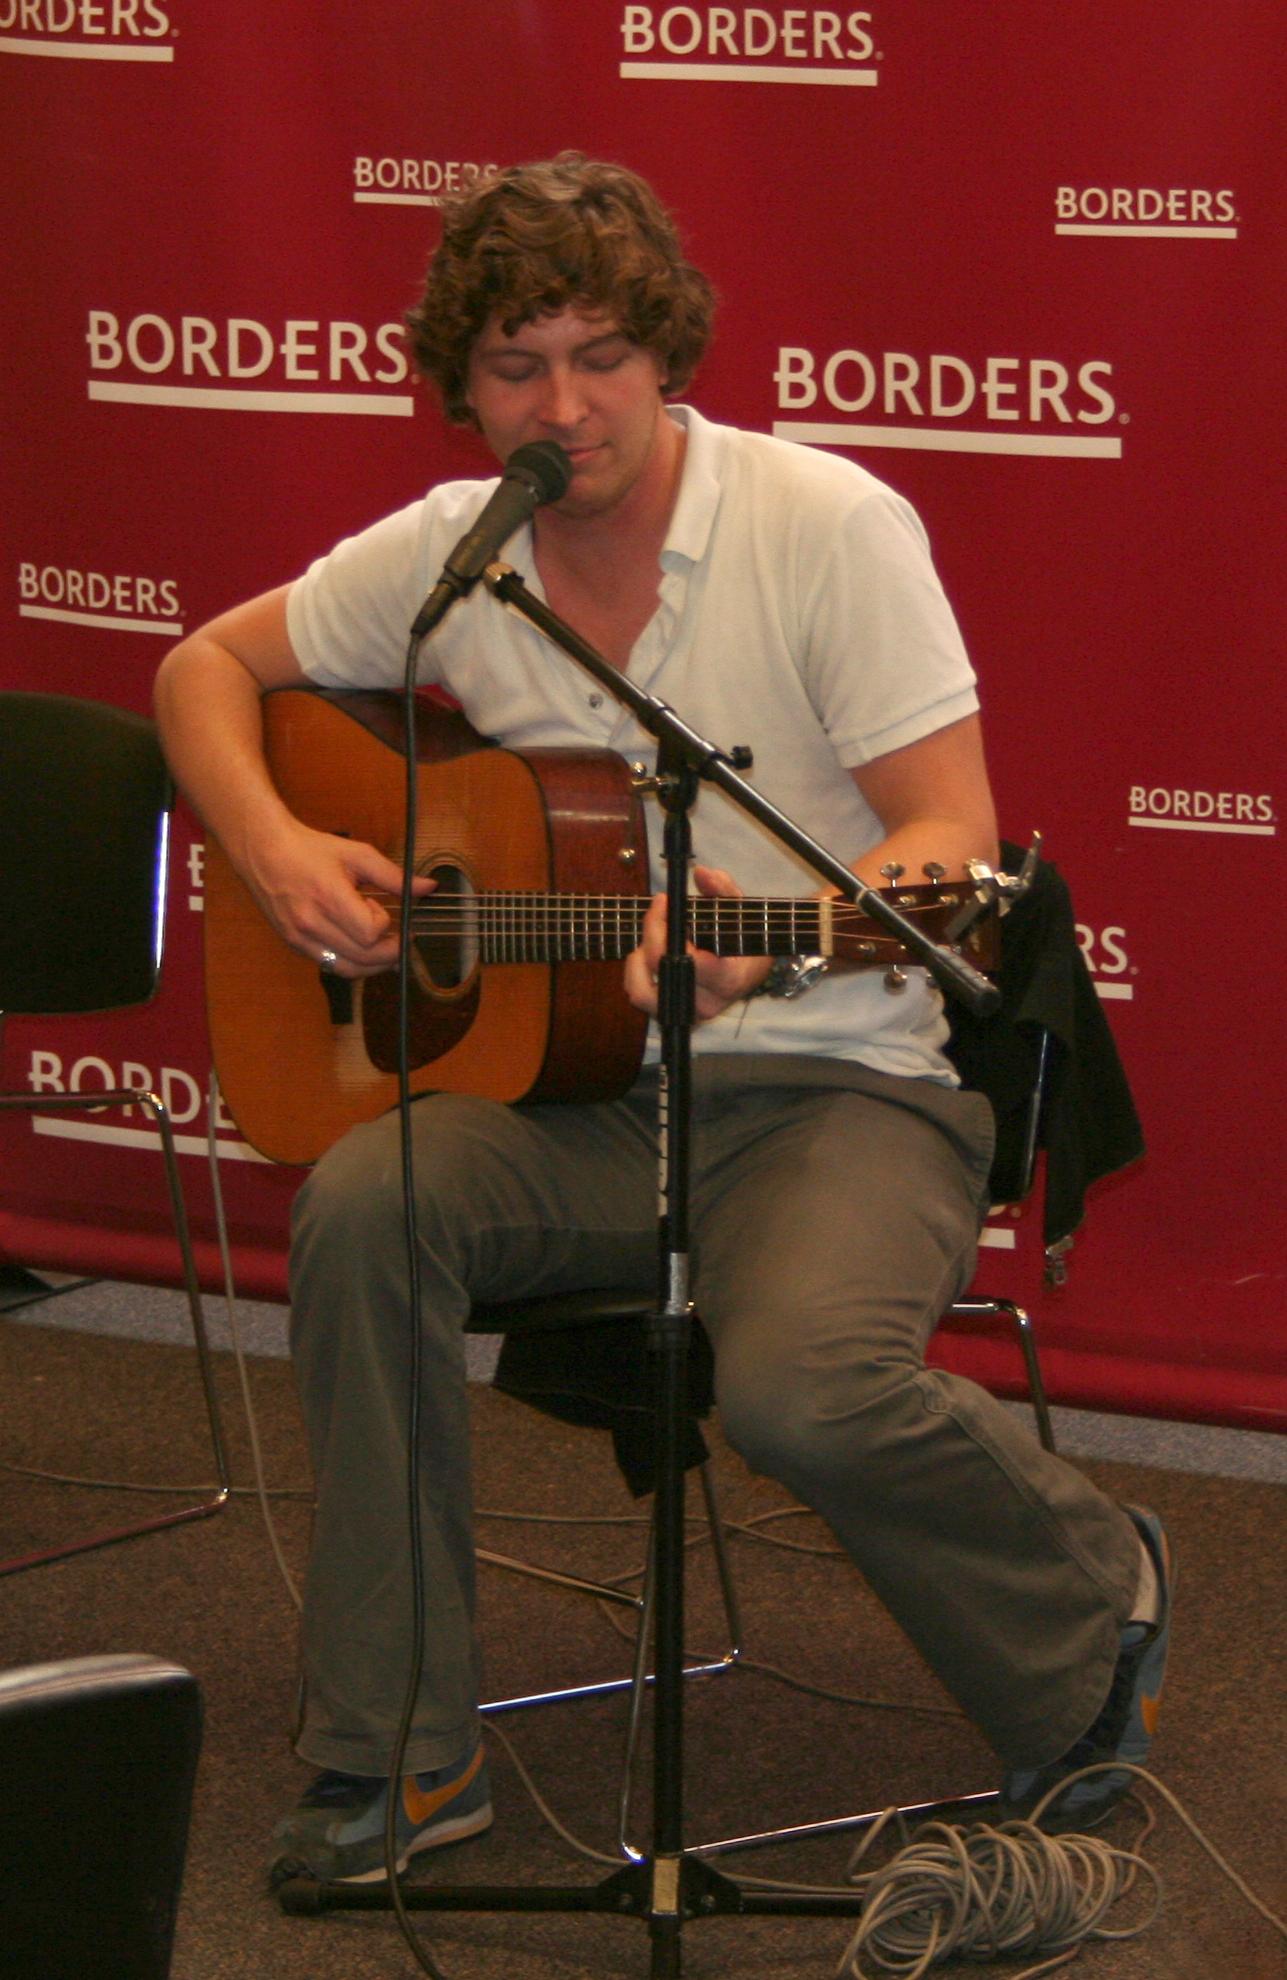 File:Matt Wertz at Border's Bookstore in Boston